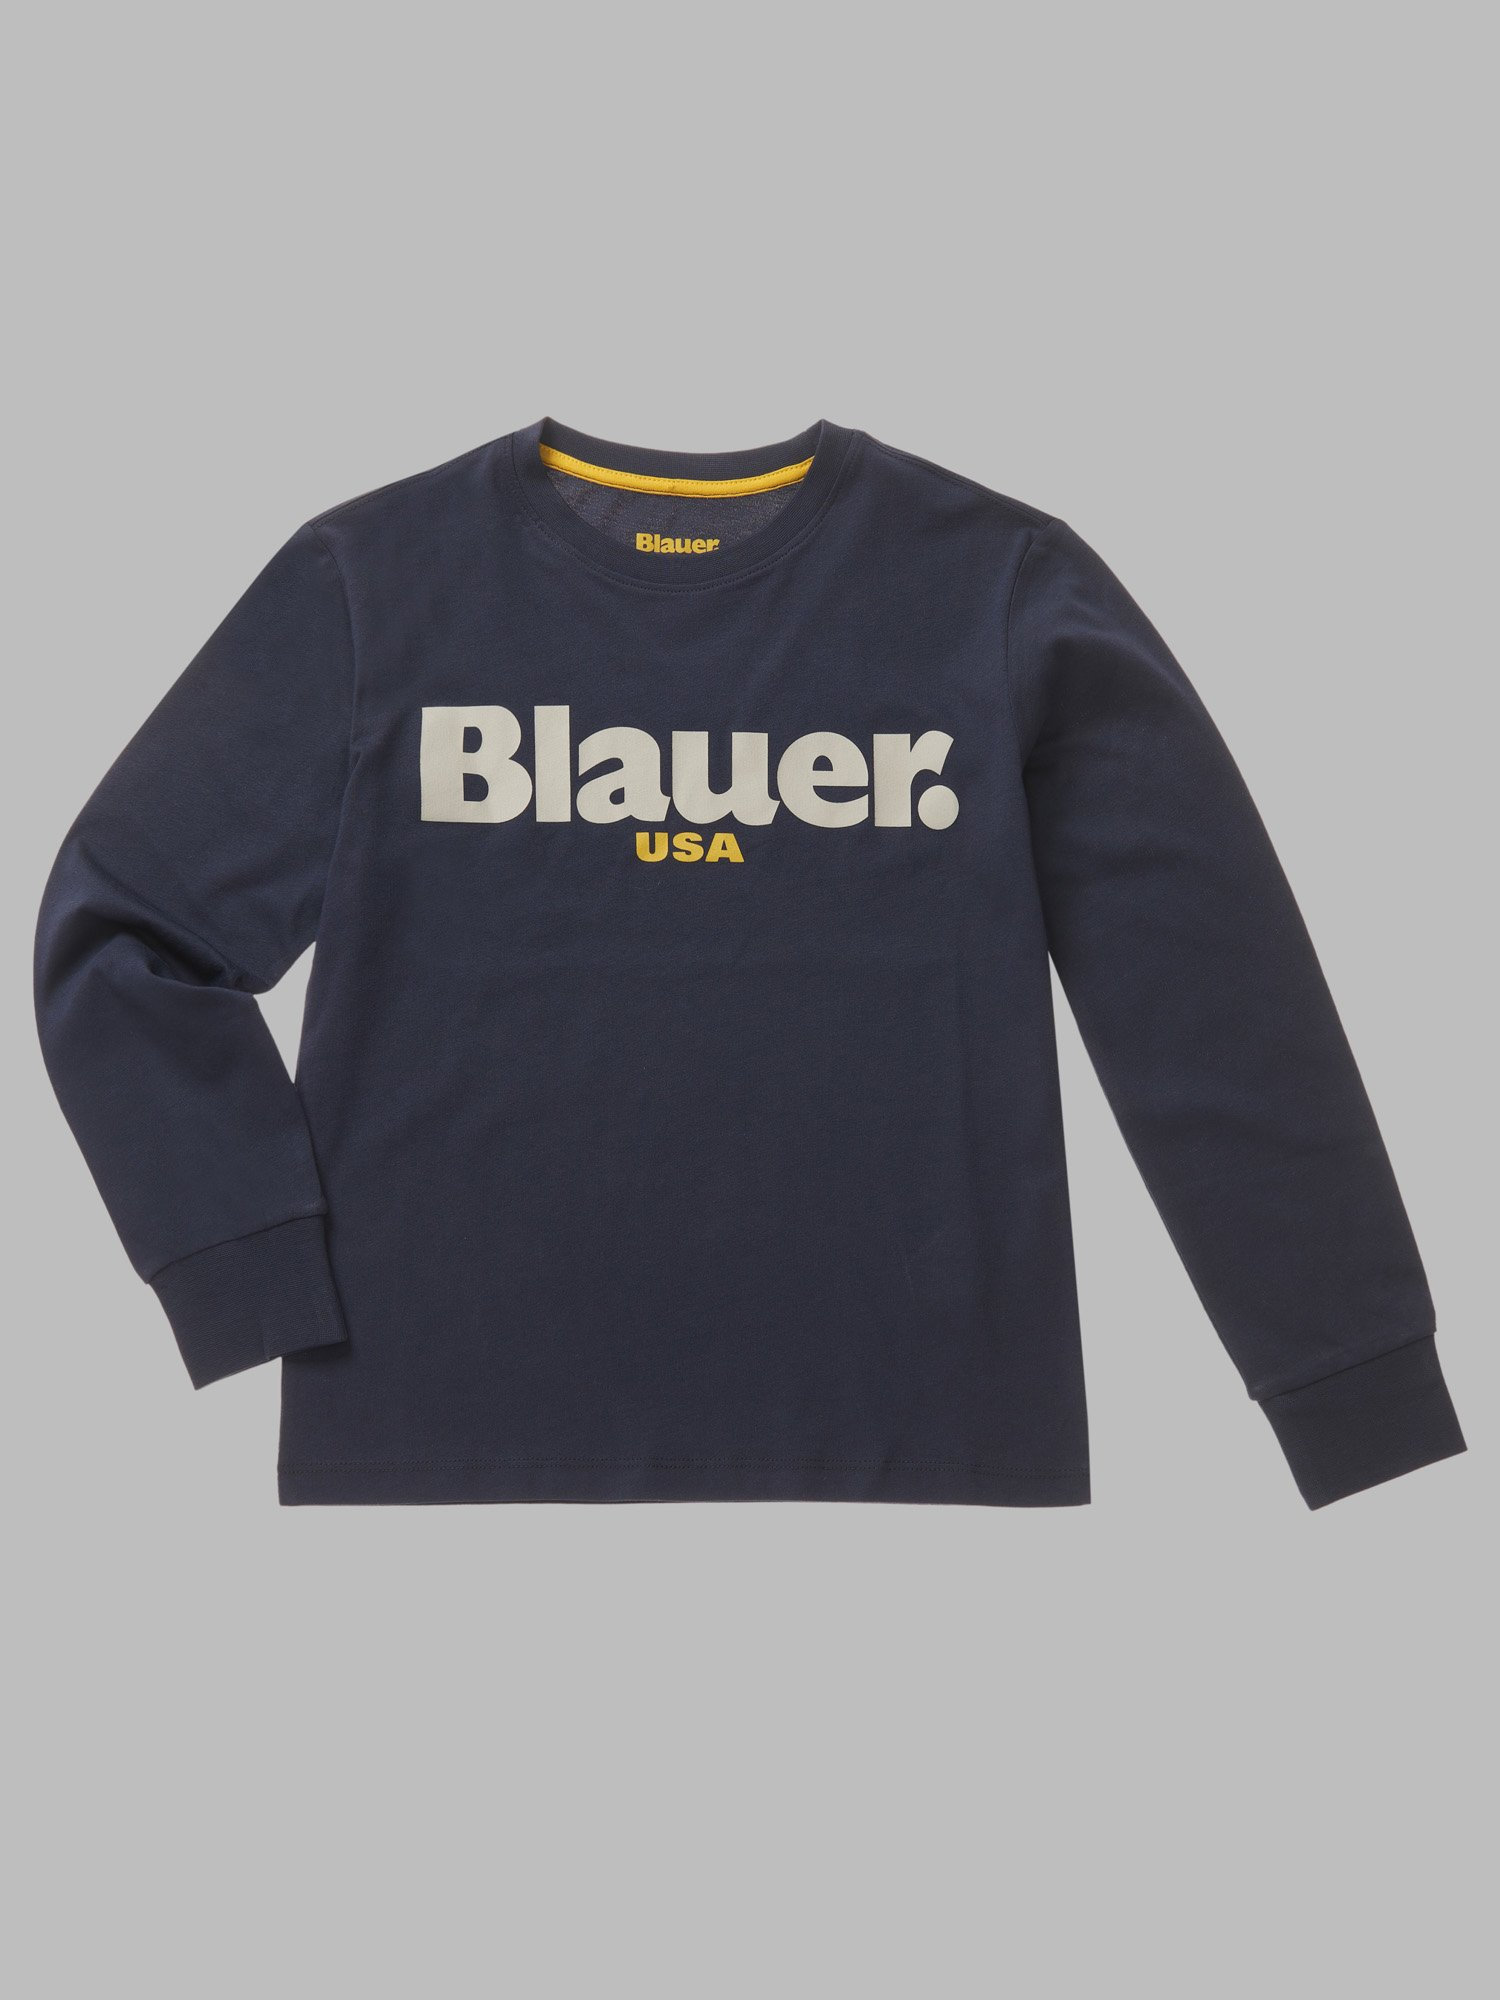 BLAUER T-SHIRT - Blauer